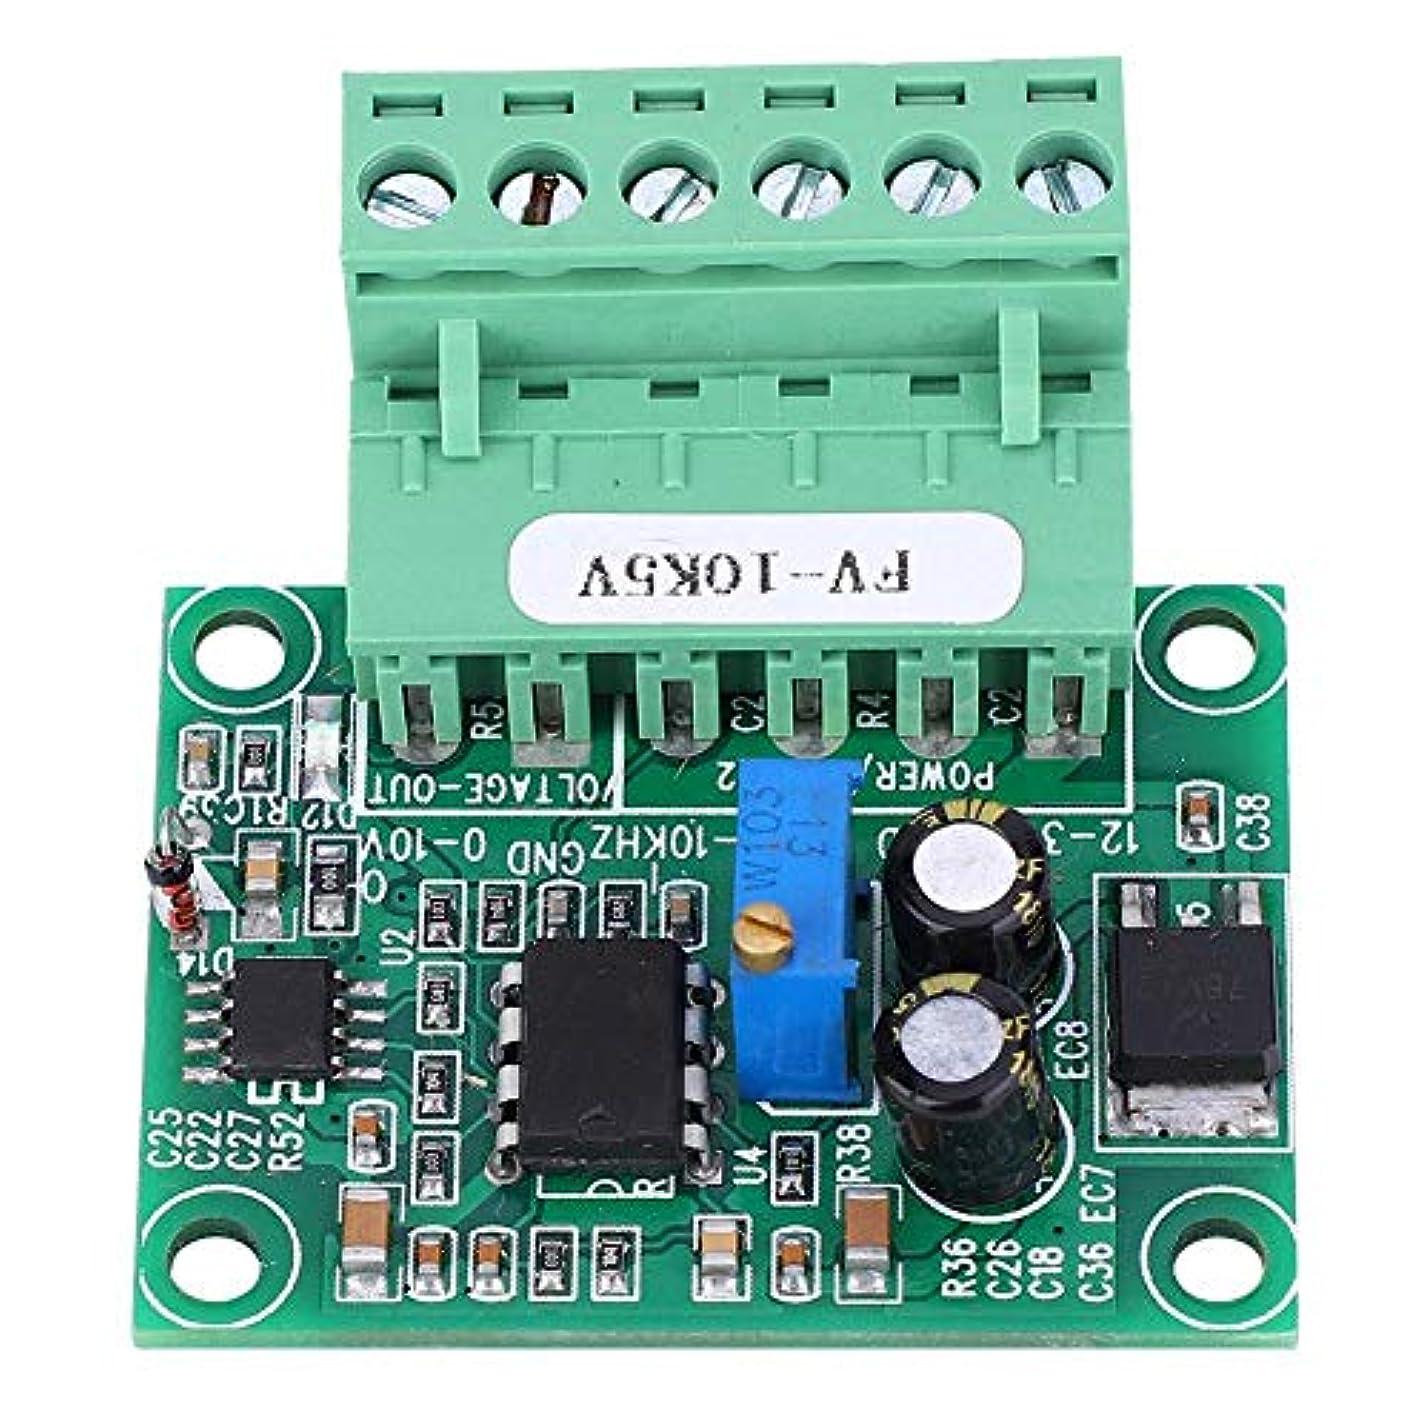 雨カフェテリア第五周波数から電圧への変換モジュール、FV-10KHz5V周波数から電圧へのモジュール0-10KHzから0-5Vデジタルからアナログへのインバータモジュール